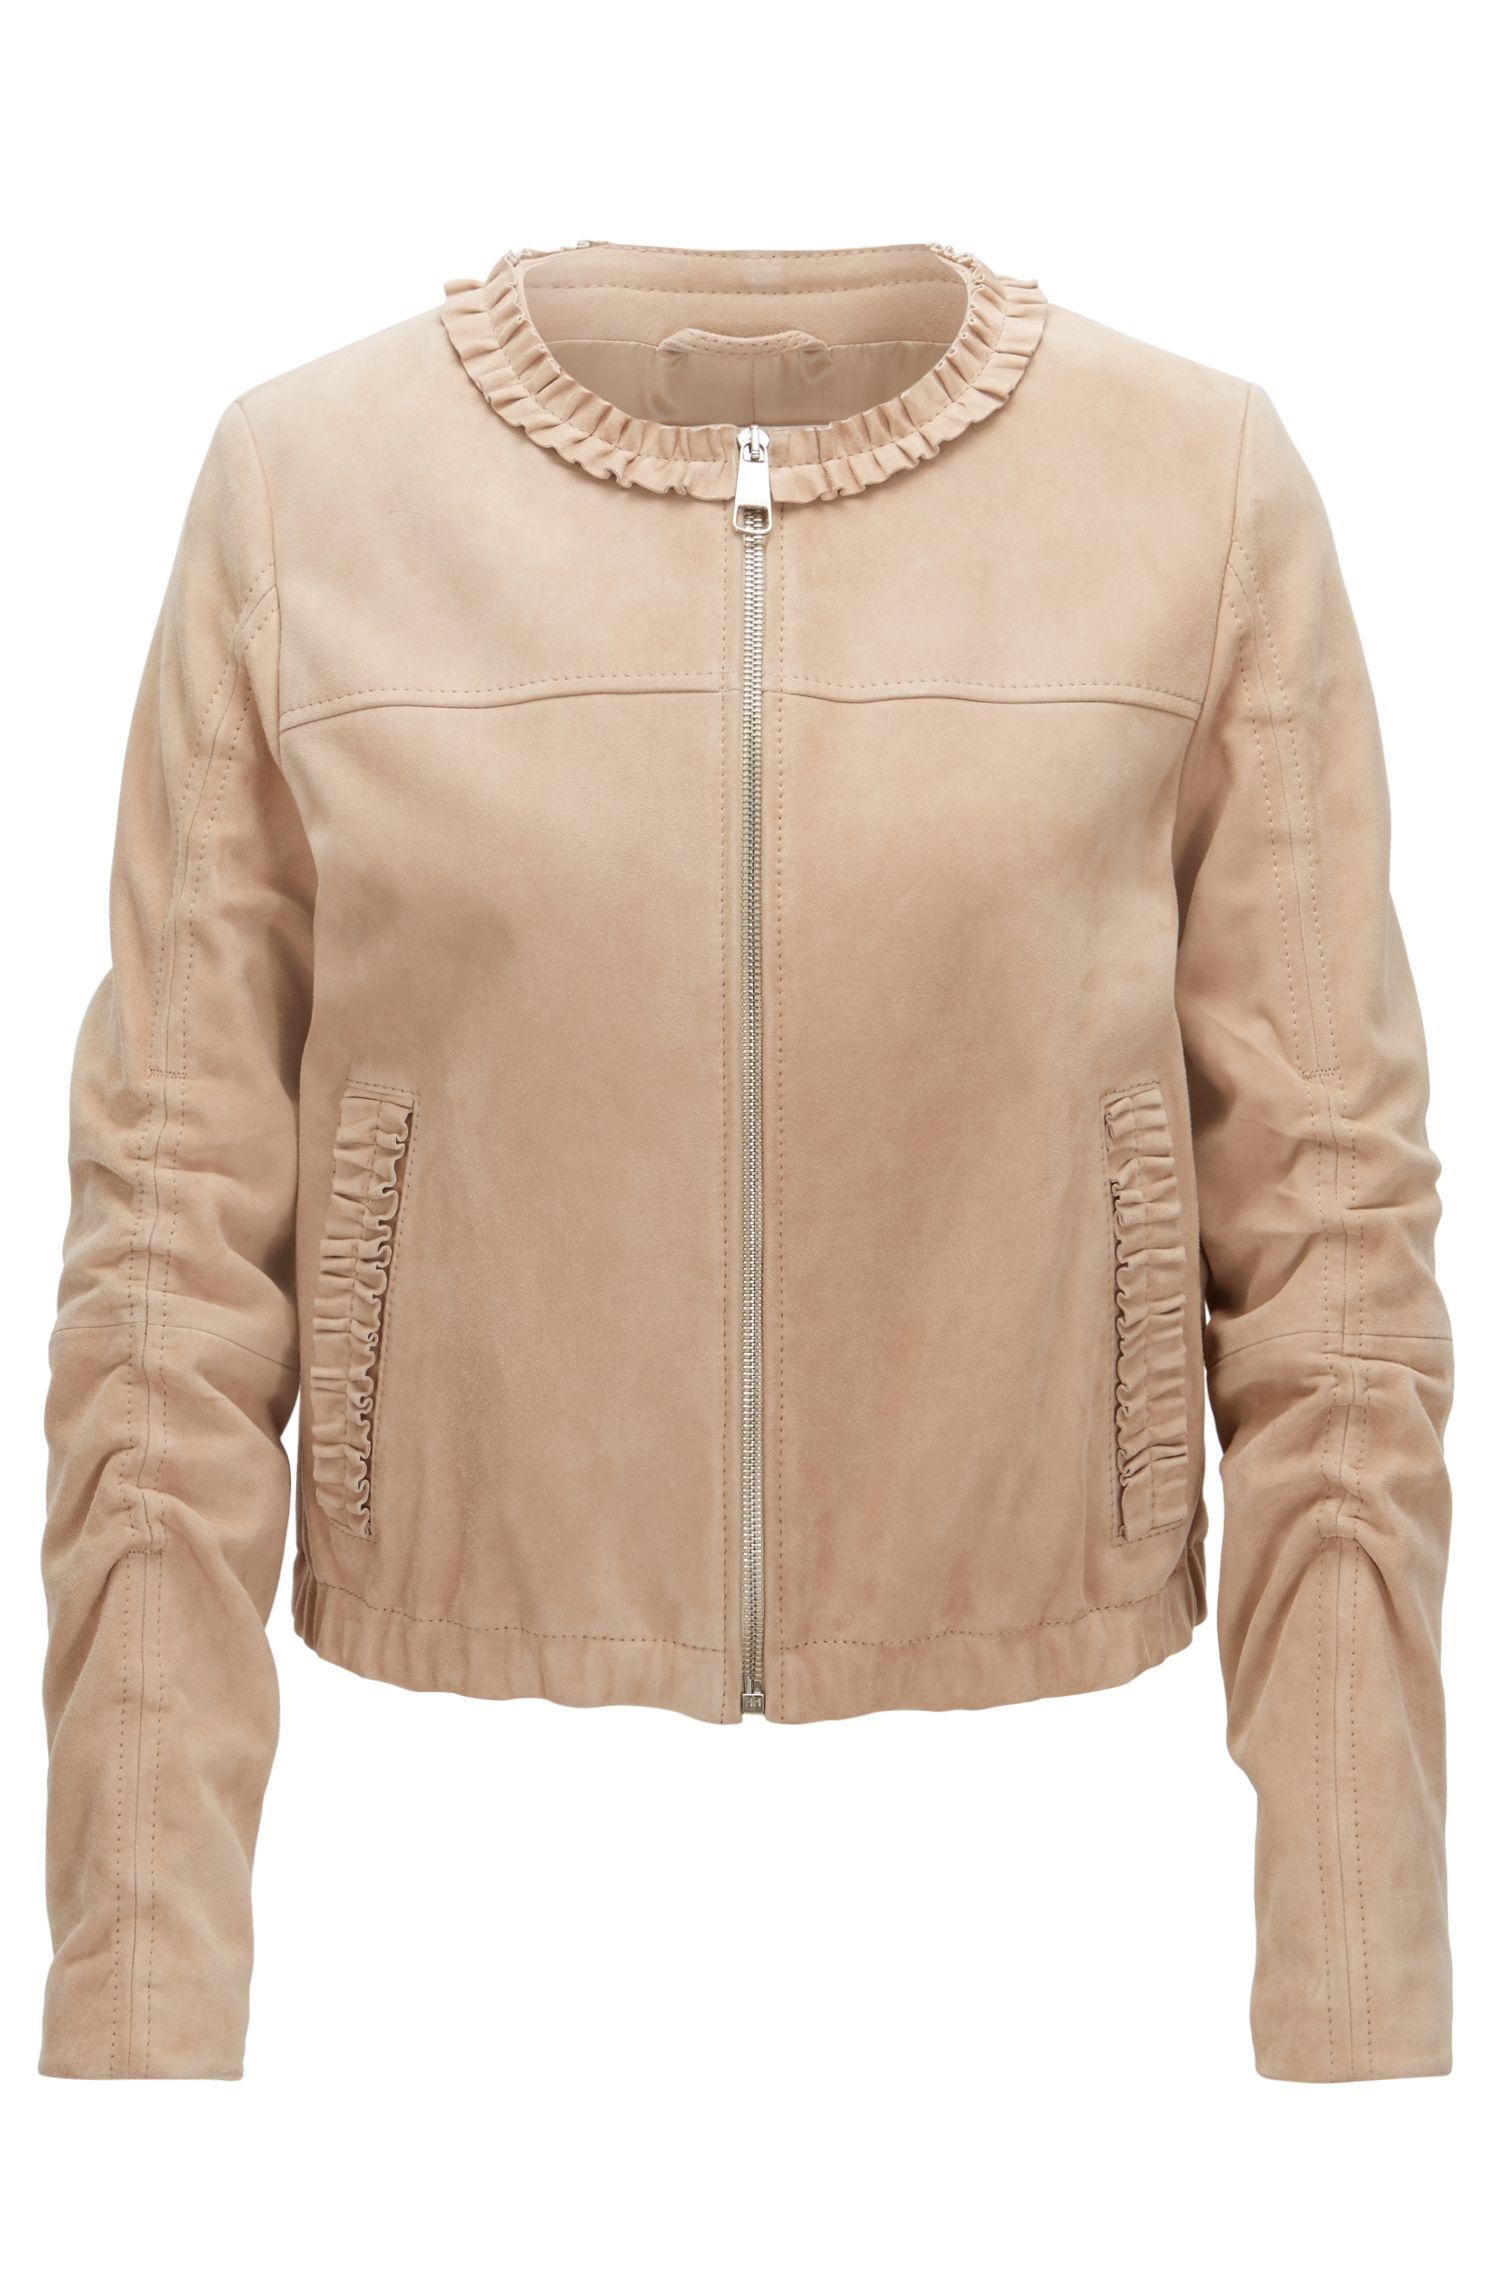 Ruffled Suede Leather Jacket | Sakrone